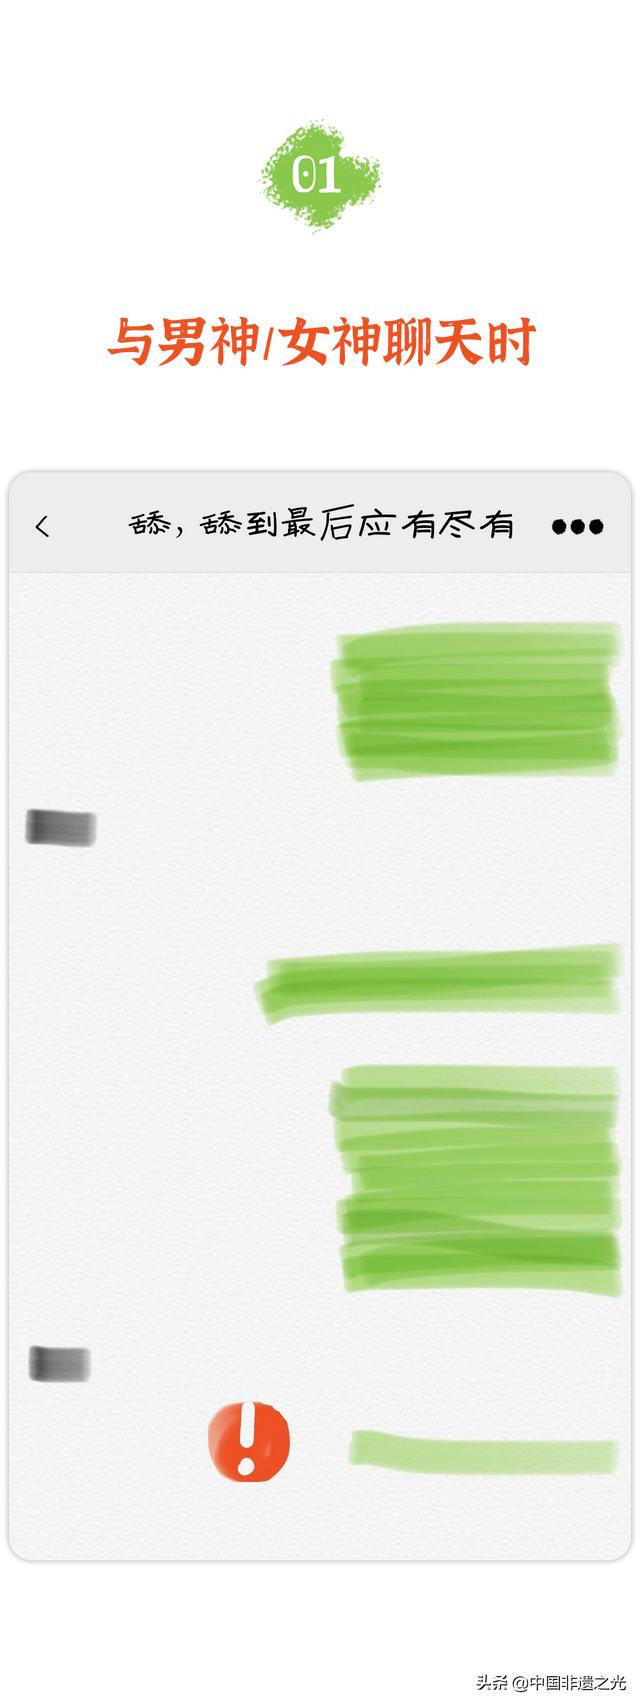 微信泡妞聊天记录截图